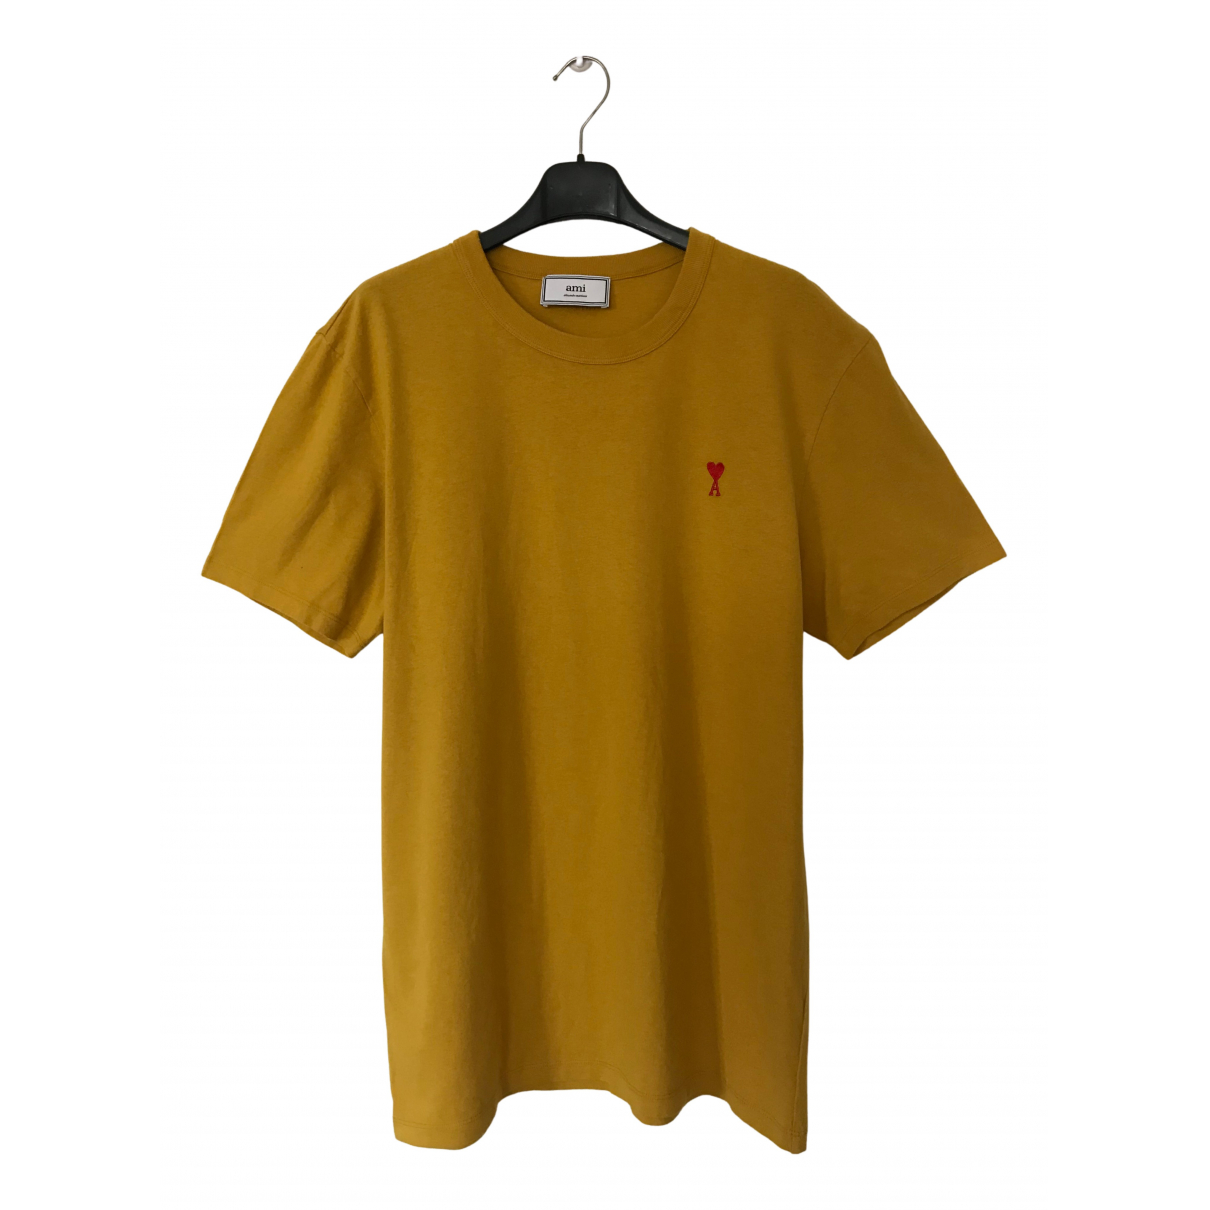 Ami - Tee shirts   pour homme en coton - jaune